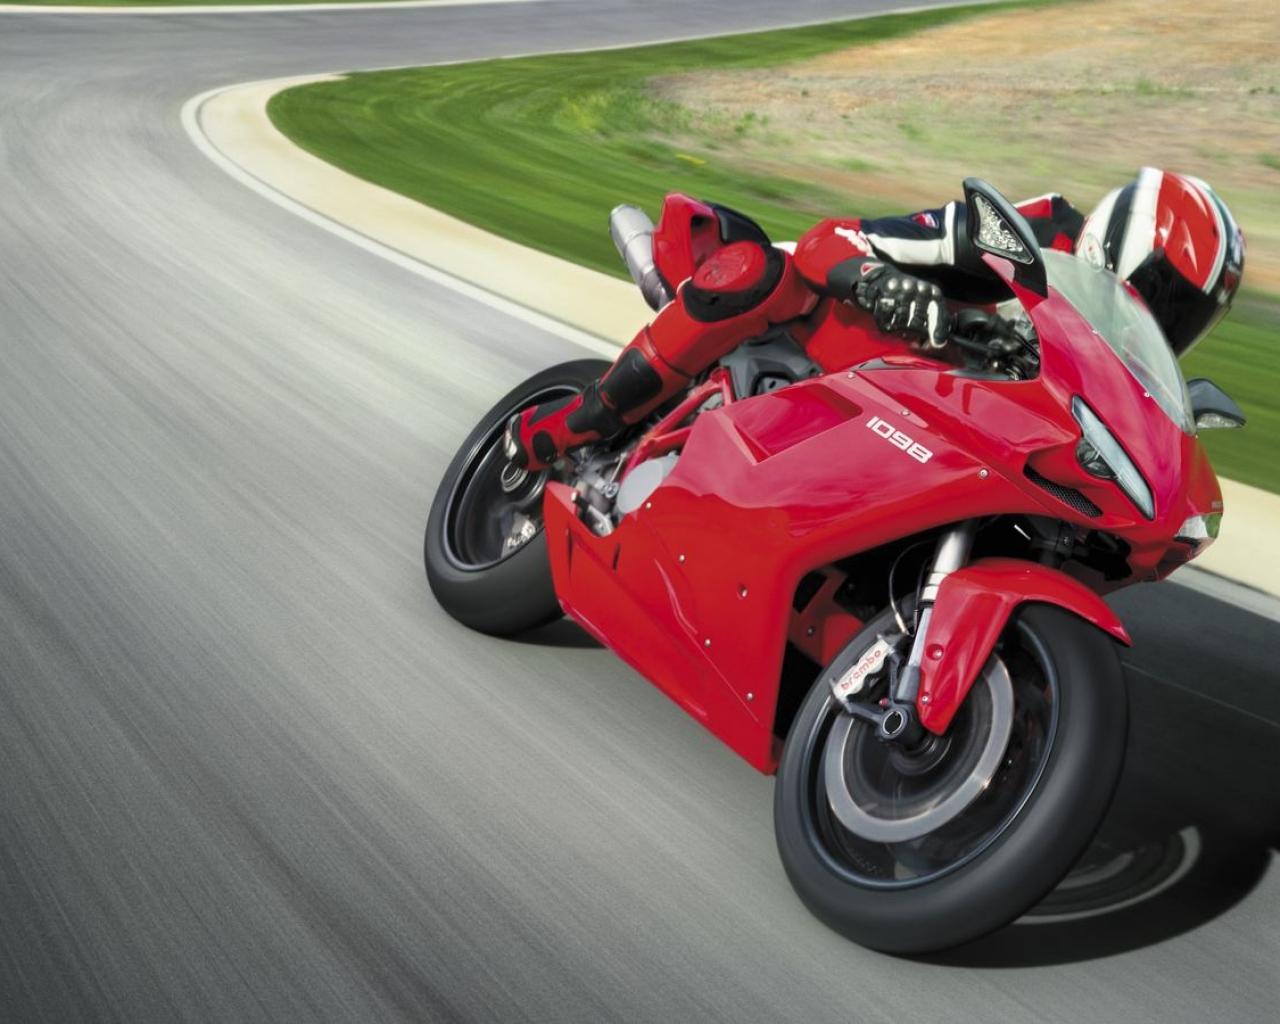 Moto Ducati color rojo - 1280x1024